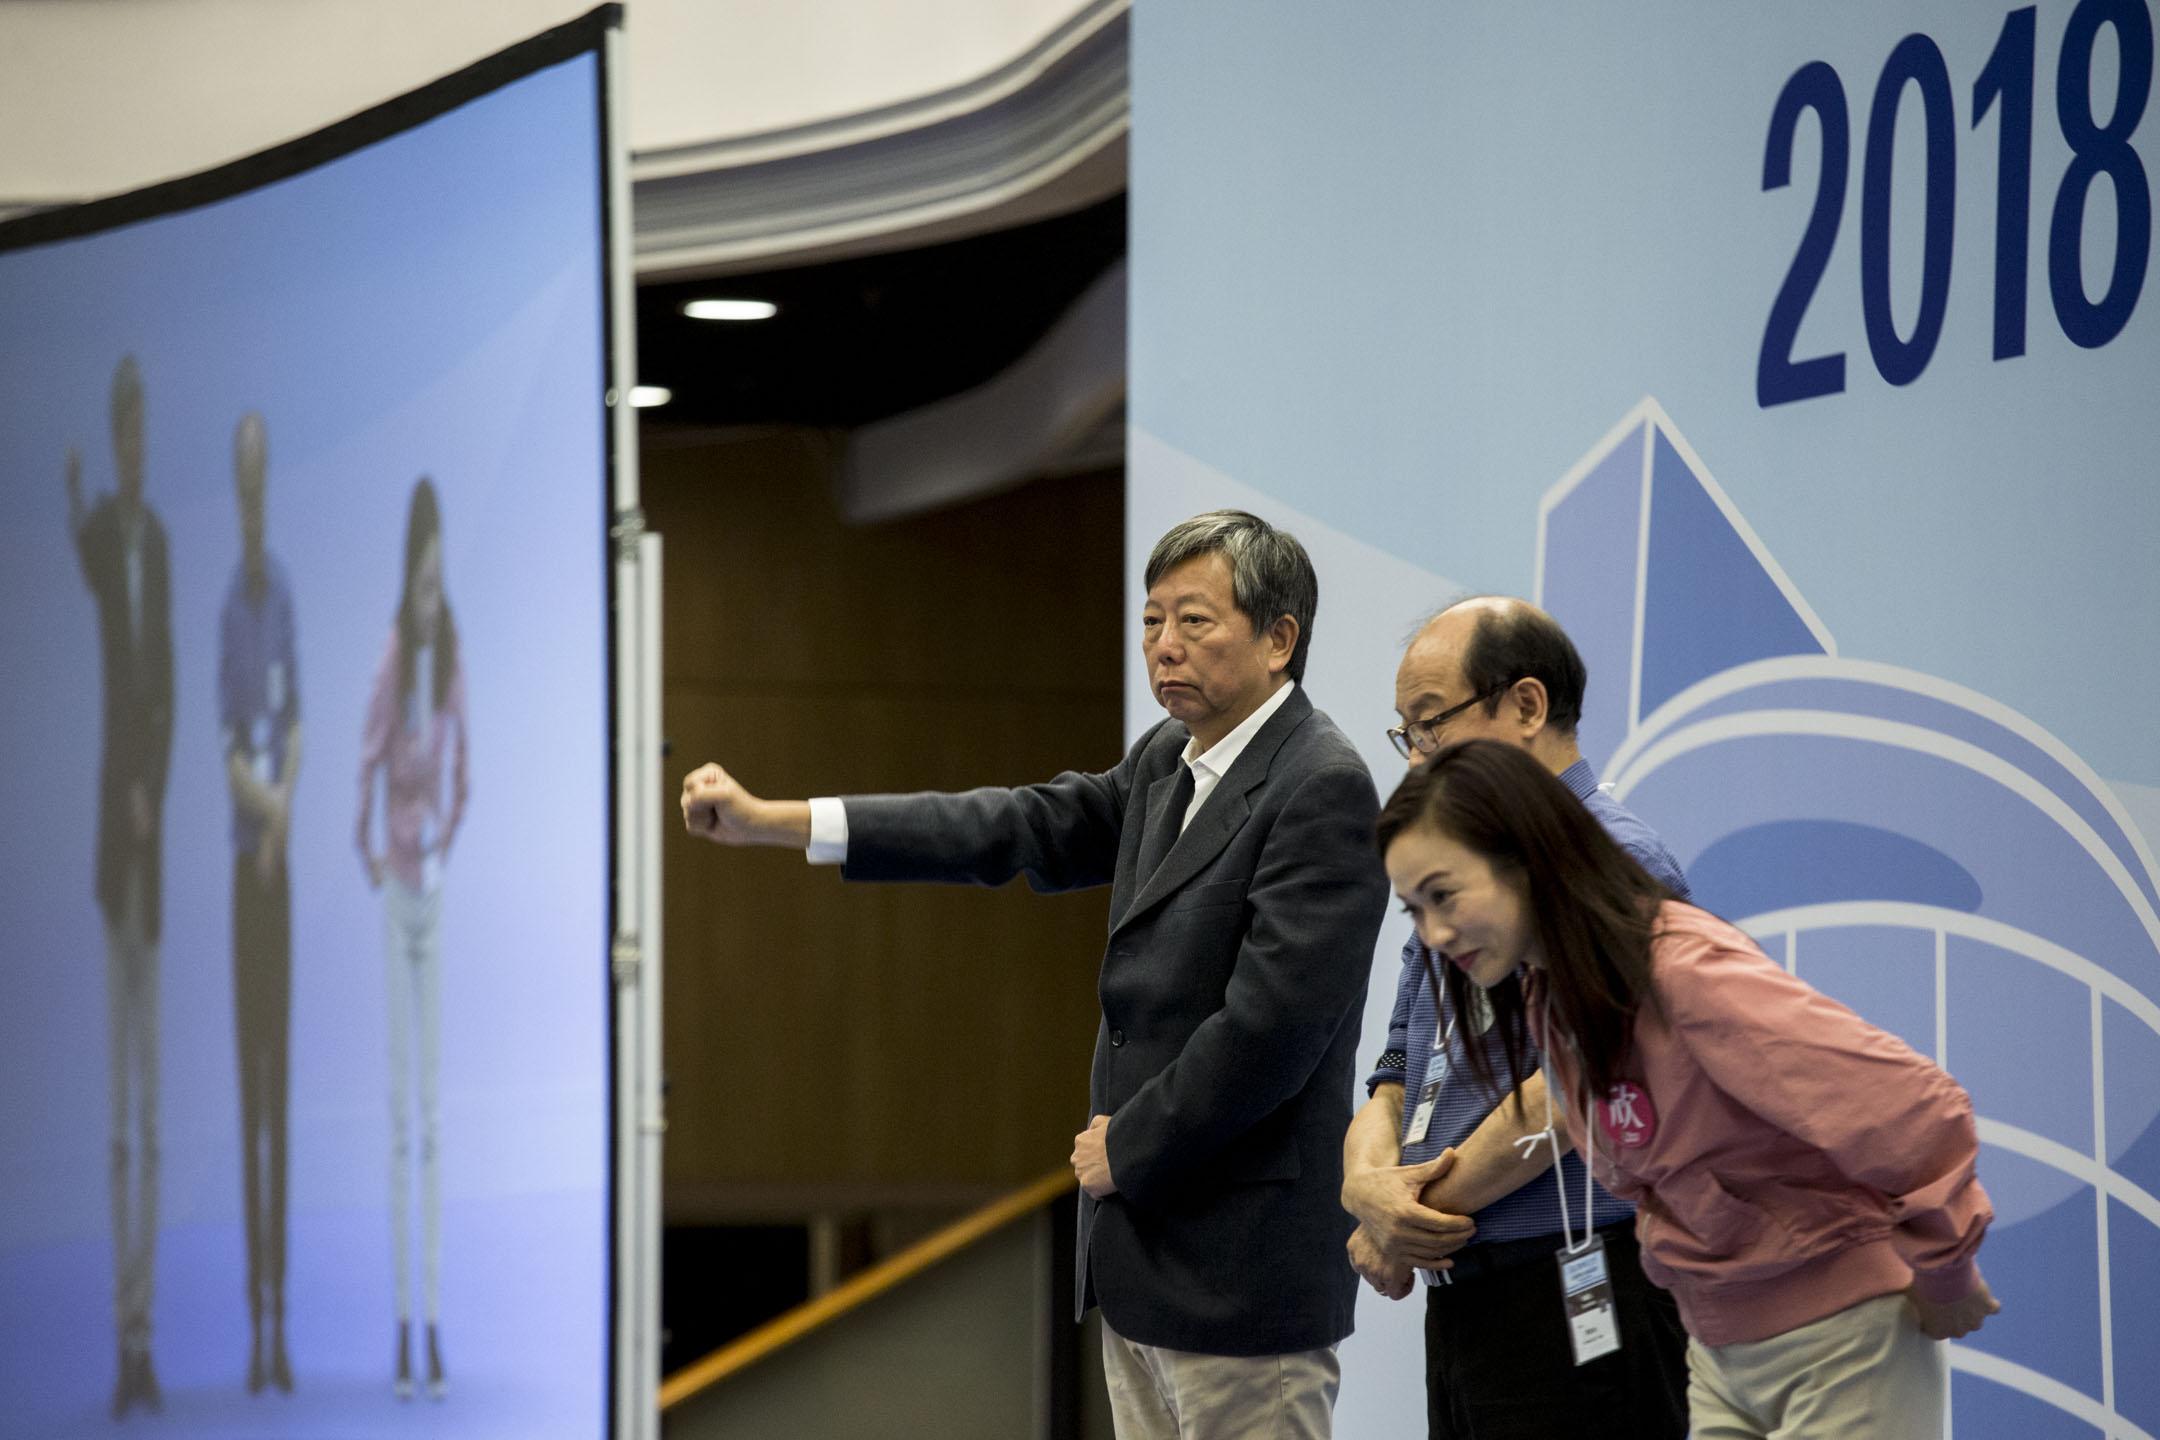 陳凱欣獲得當中近5成選票(106457票)當選九龍西立法會議員,擊敗泛民主派李卓人(93047票)和馮檢基(12509票)。 攝:林振東/端傳媒